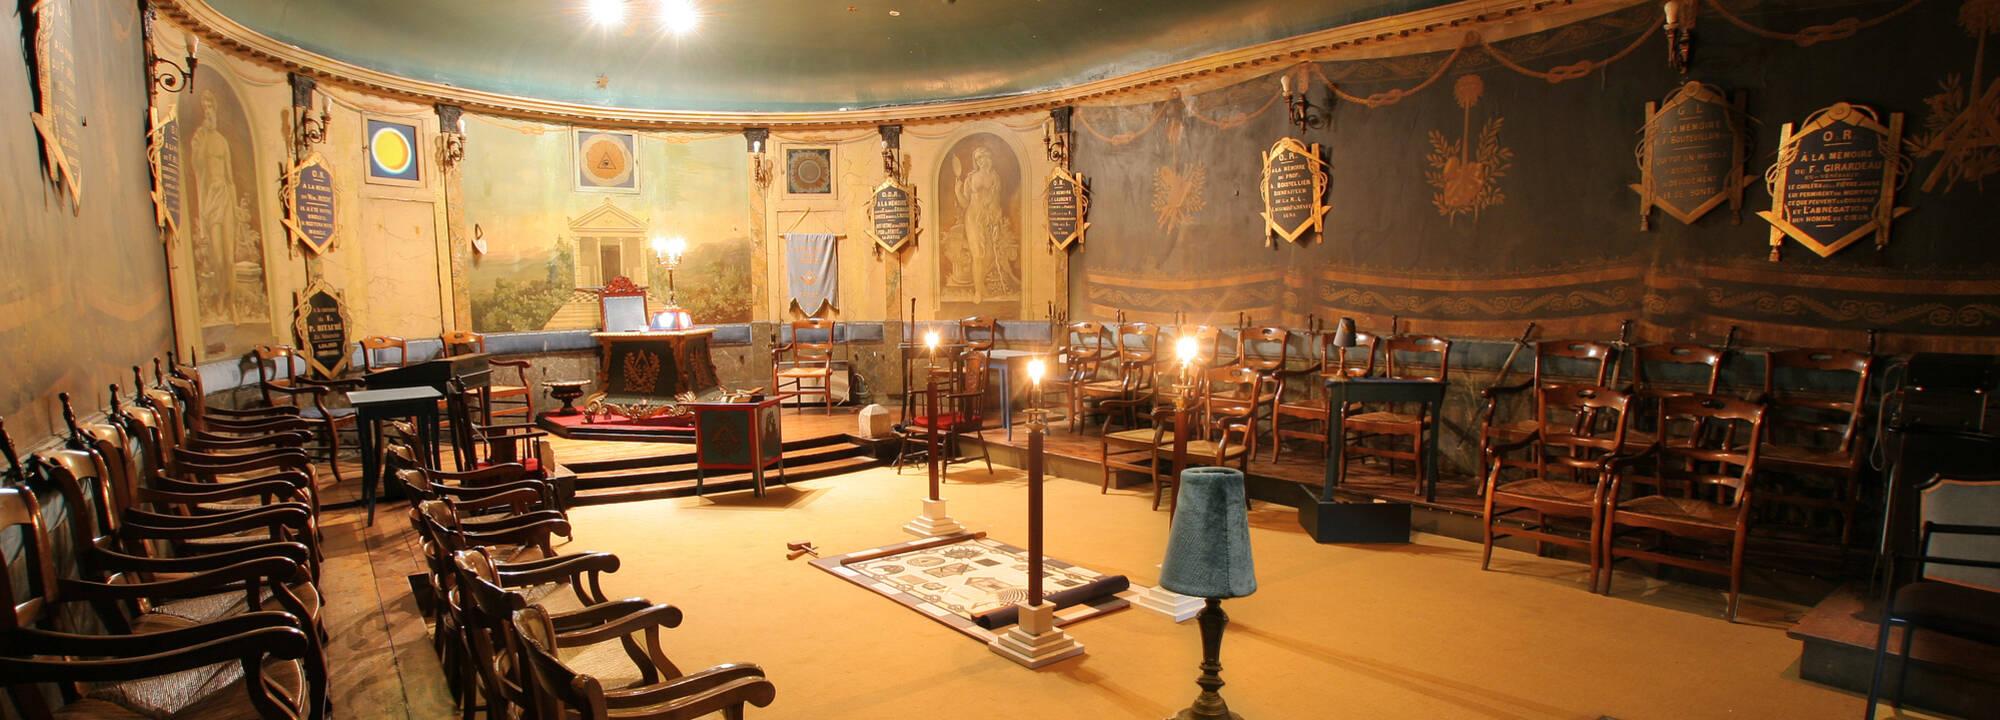 Le temple ma onnique de rochefort office de tourisme de rochefort oc an vacances rochefort - Office du tourisme de rochefort ...